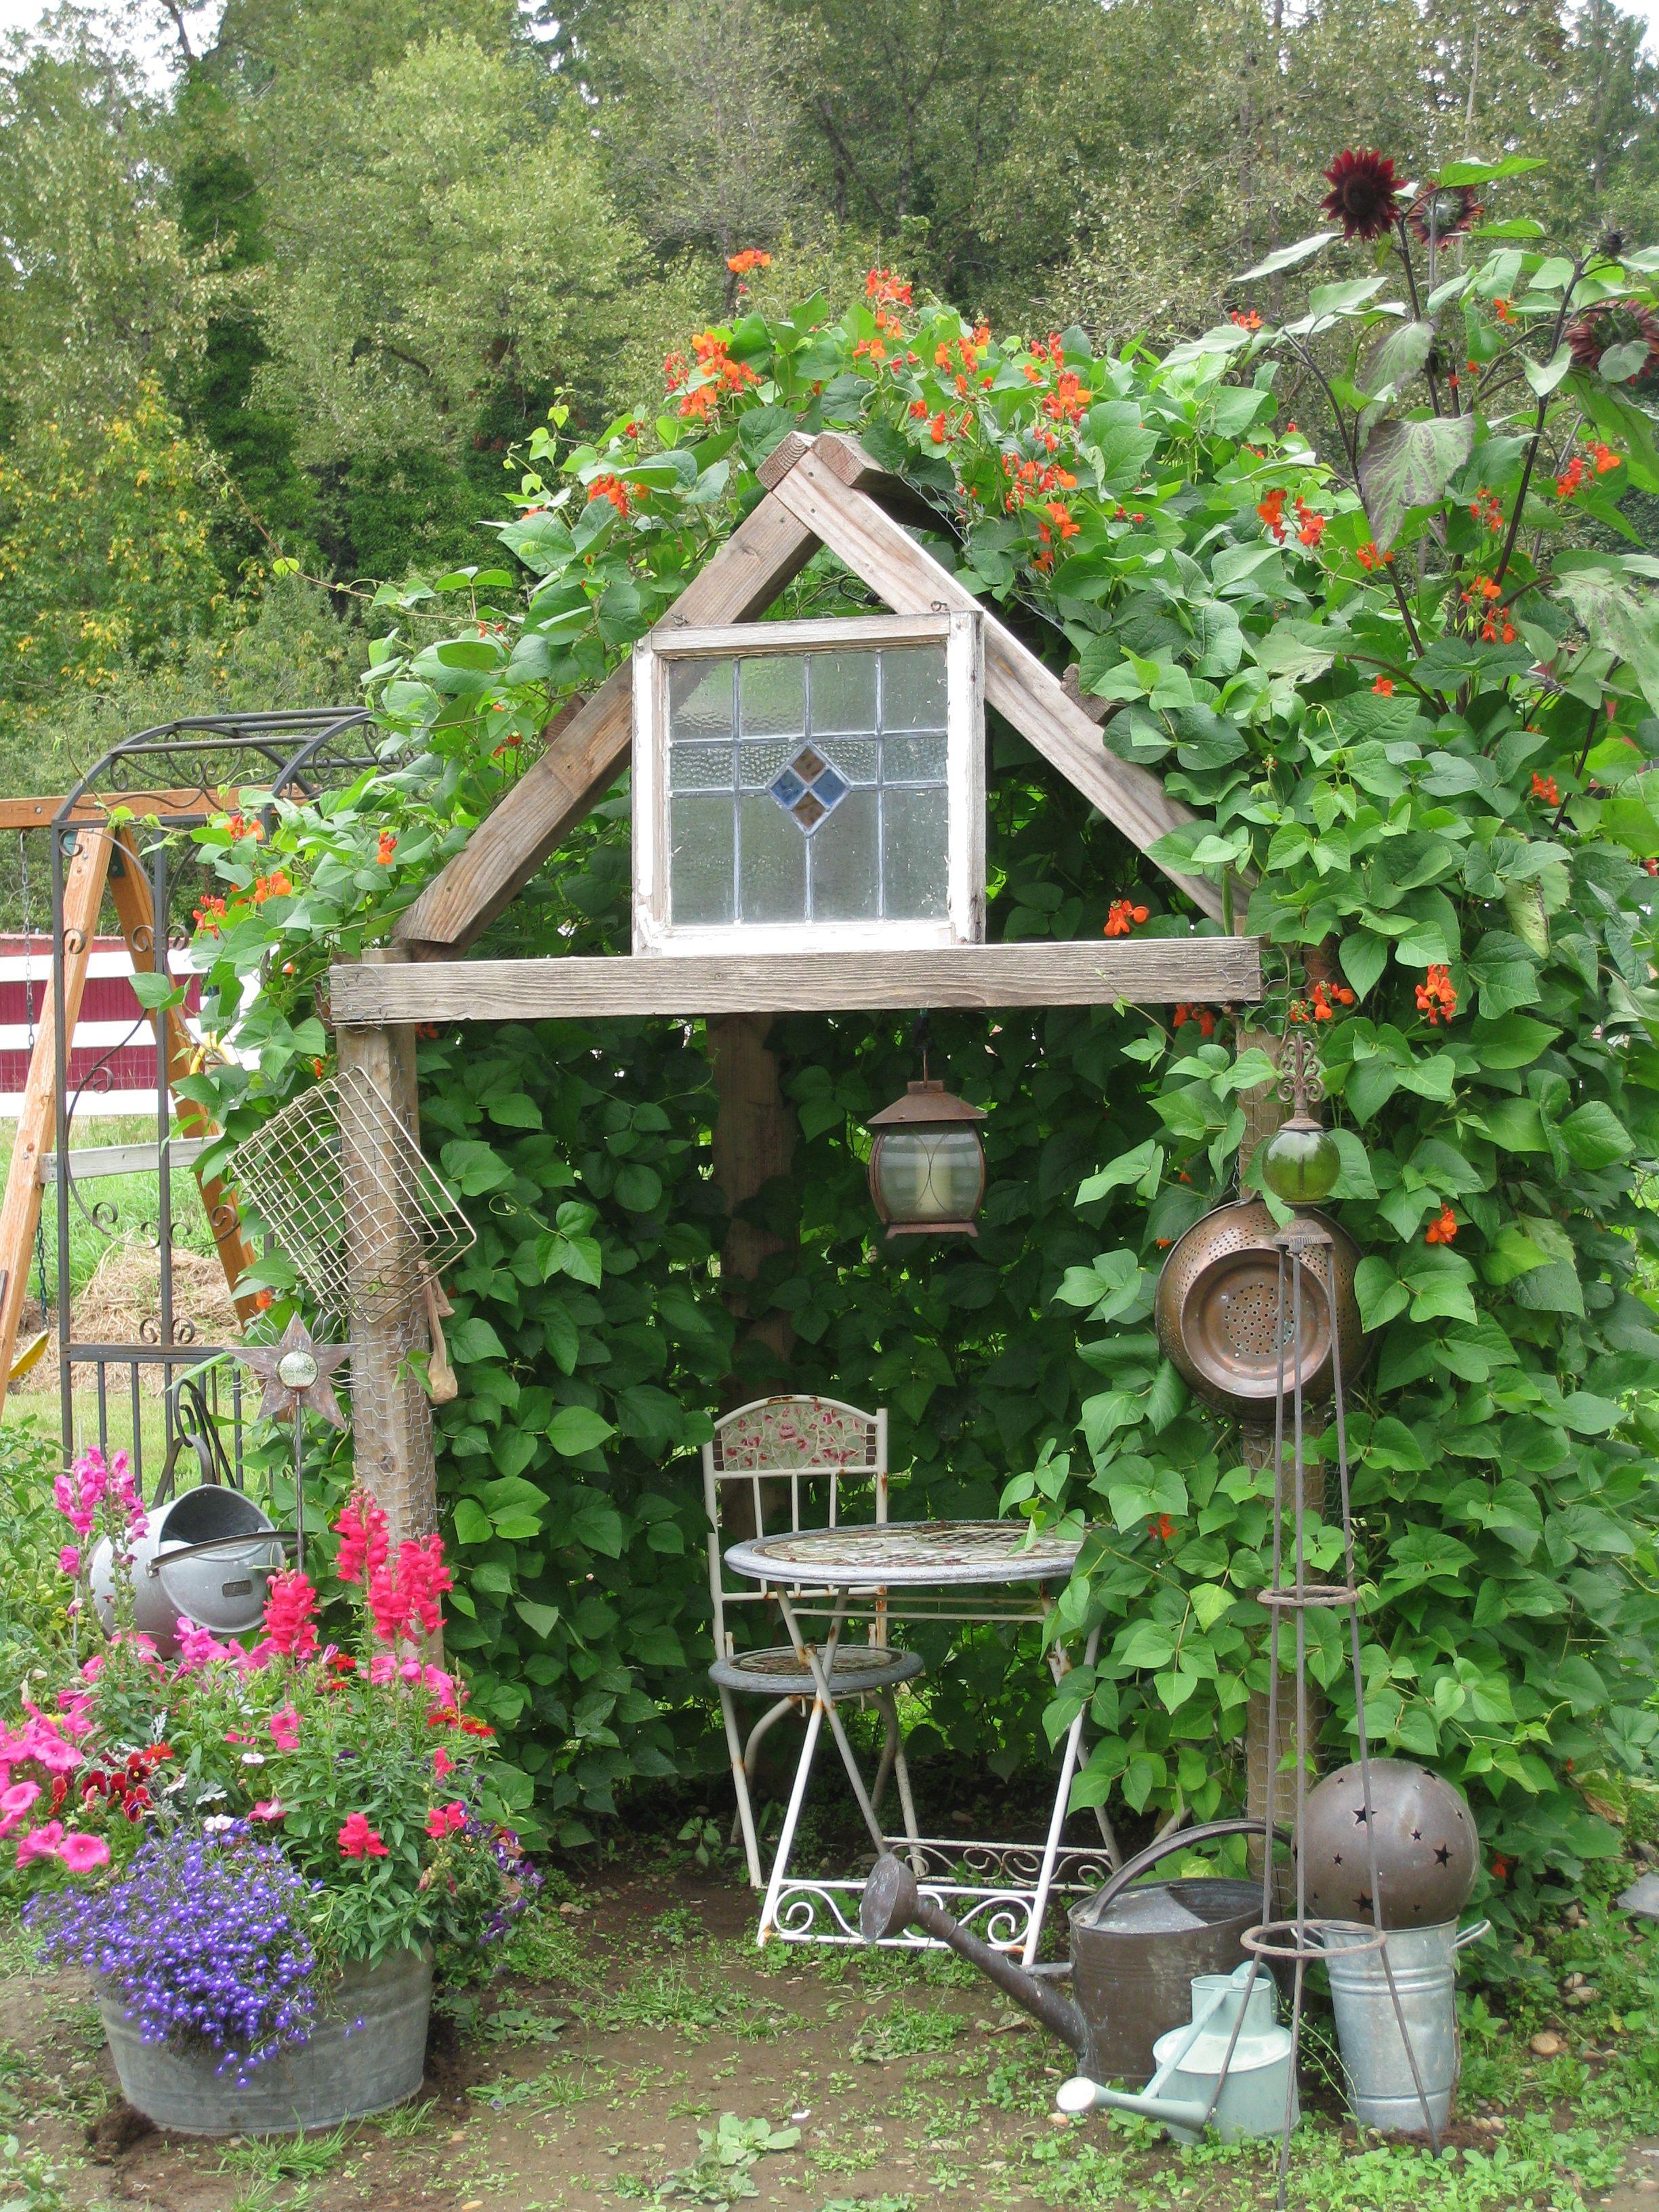 scarlet runner beans on pin by emily kreider on gardening garden inspiration amazing gardens whimsical garden garden inspiration amazing gardens